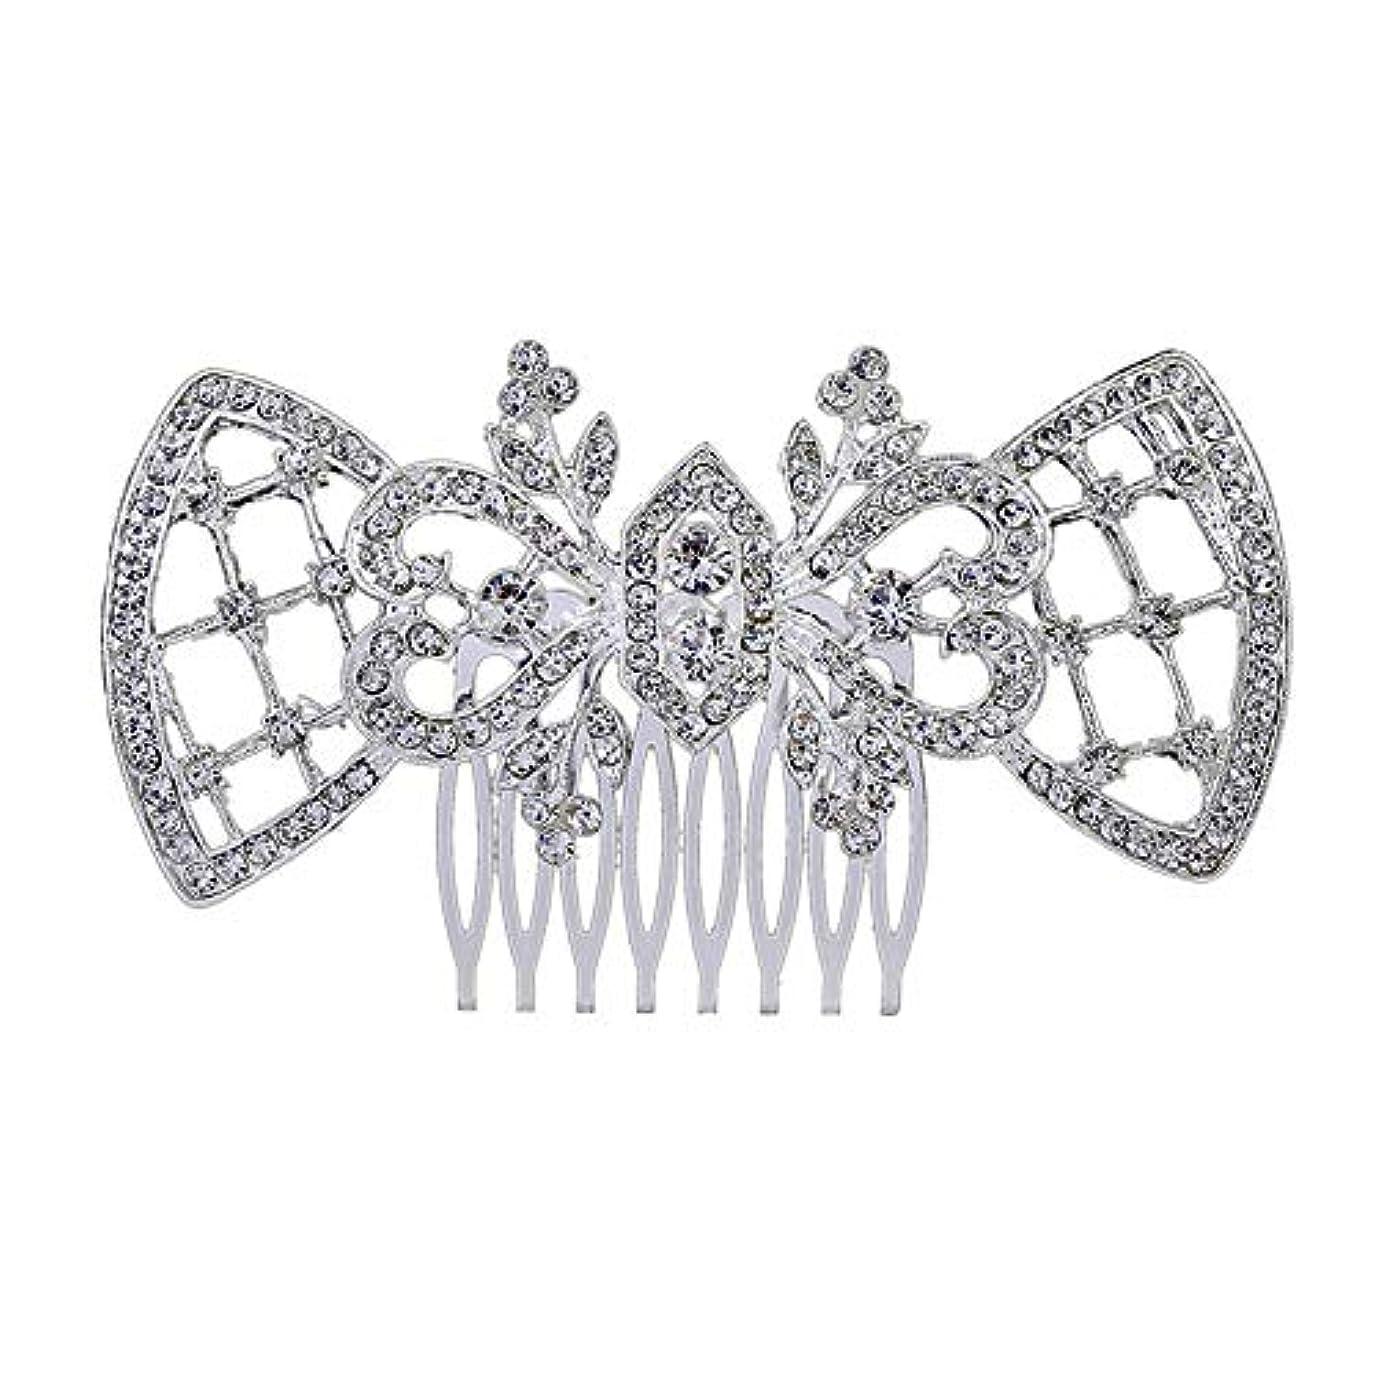 メンバー名義で加入髪の櫛、櫛、ブライダル髪、髪の櫛、ハート形、ラインストーンの櫛、合金の帽子、結婚式のアクセサリー